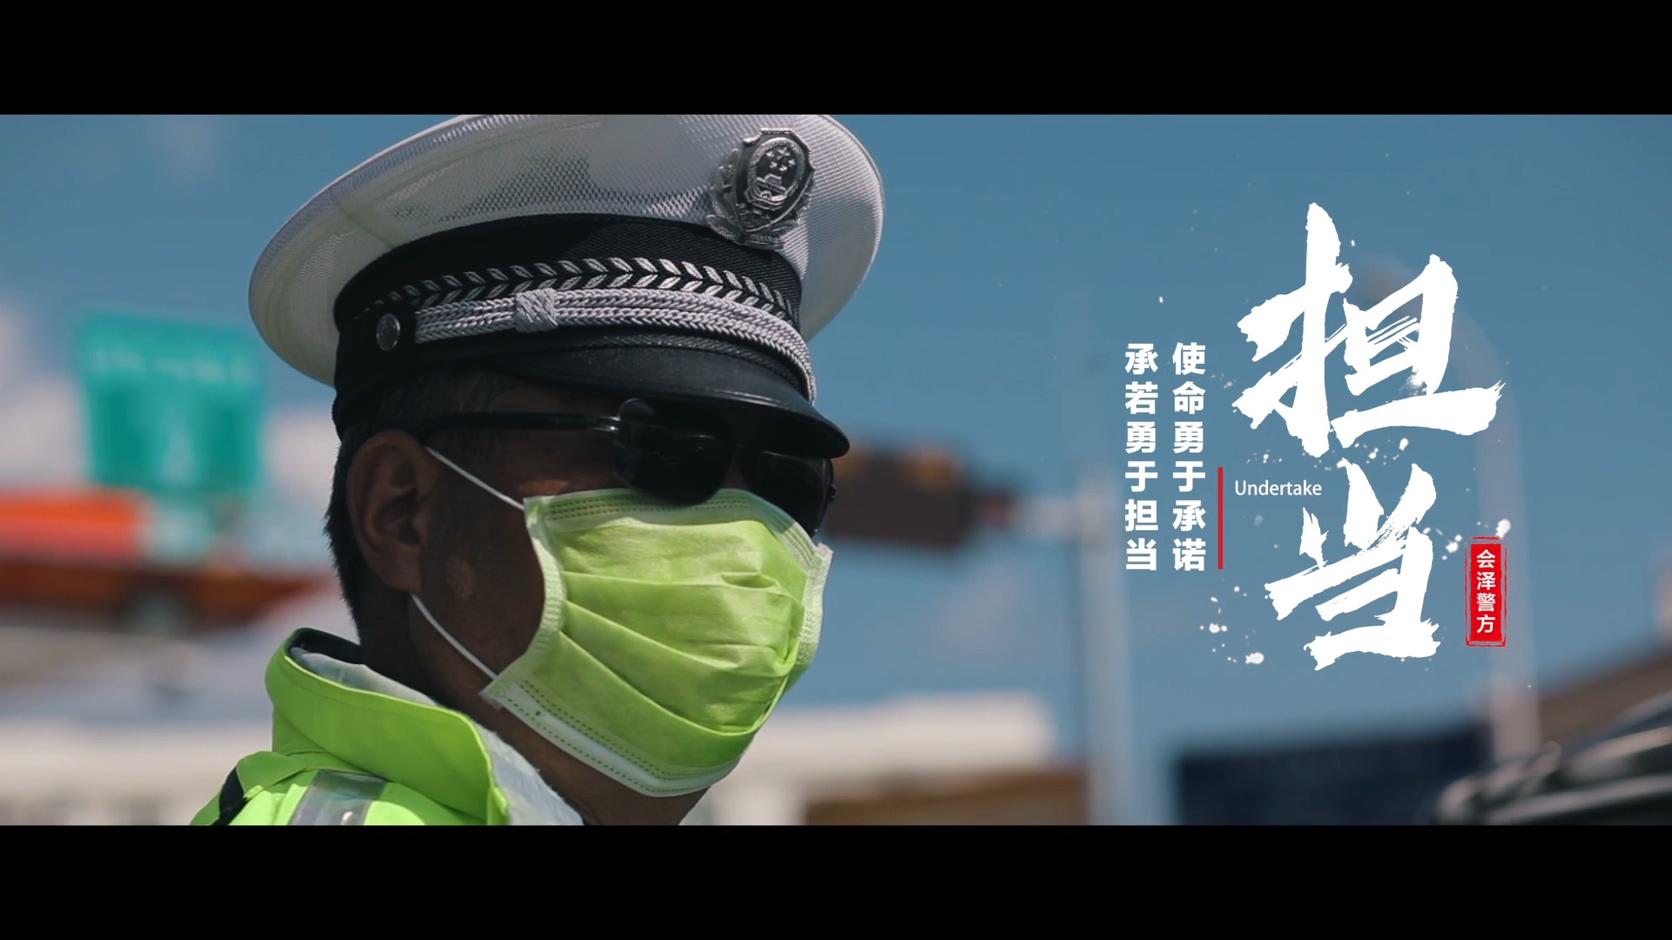 云南警方 - 疫情不退,警方不退视频素材